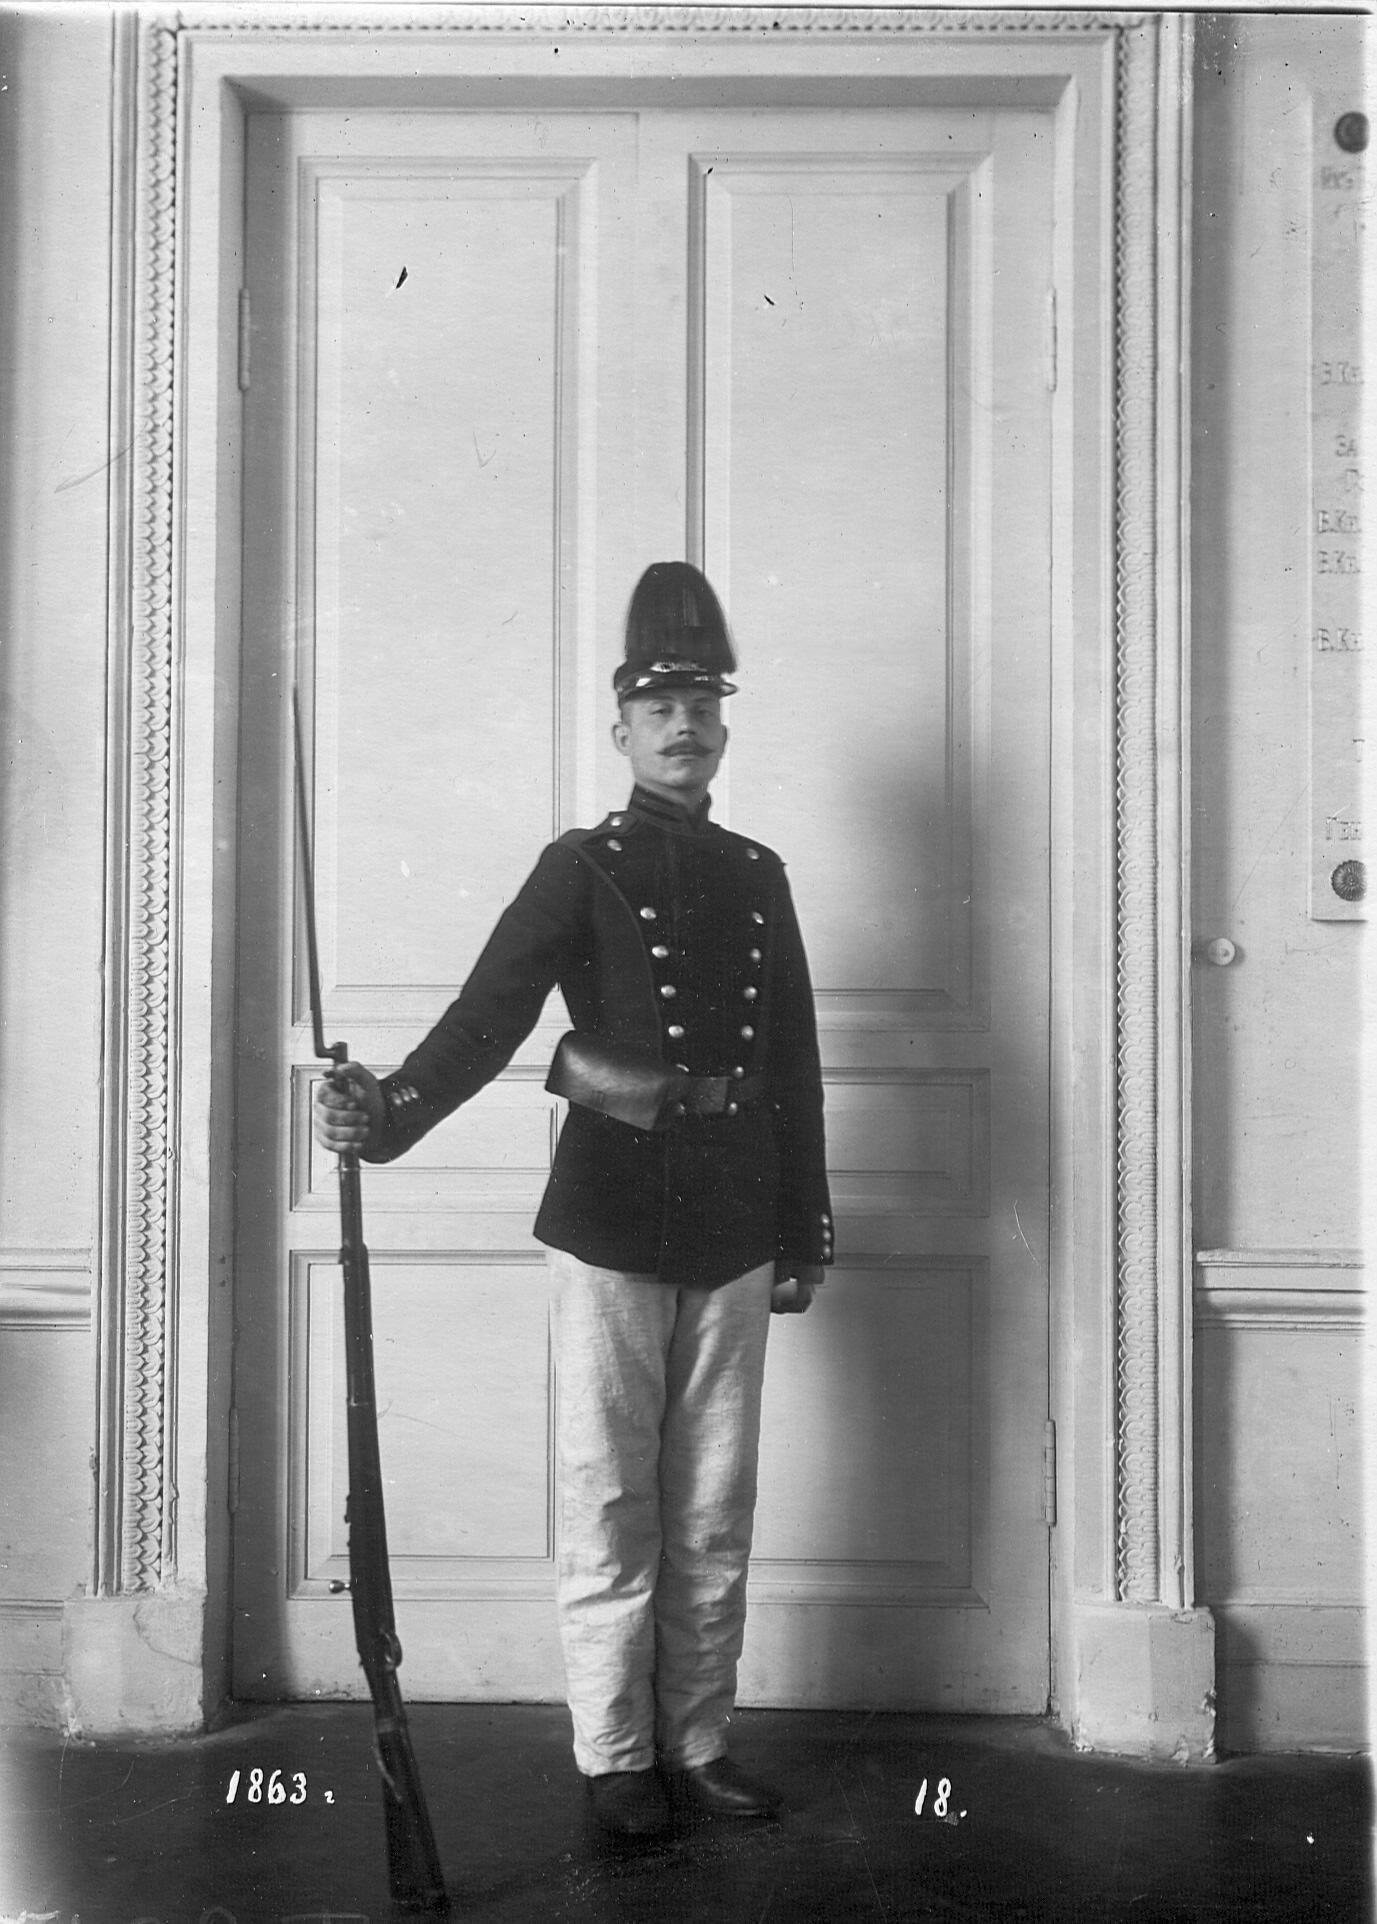 Рядовой сапер батальона в форме образца 1863 года.